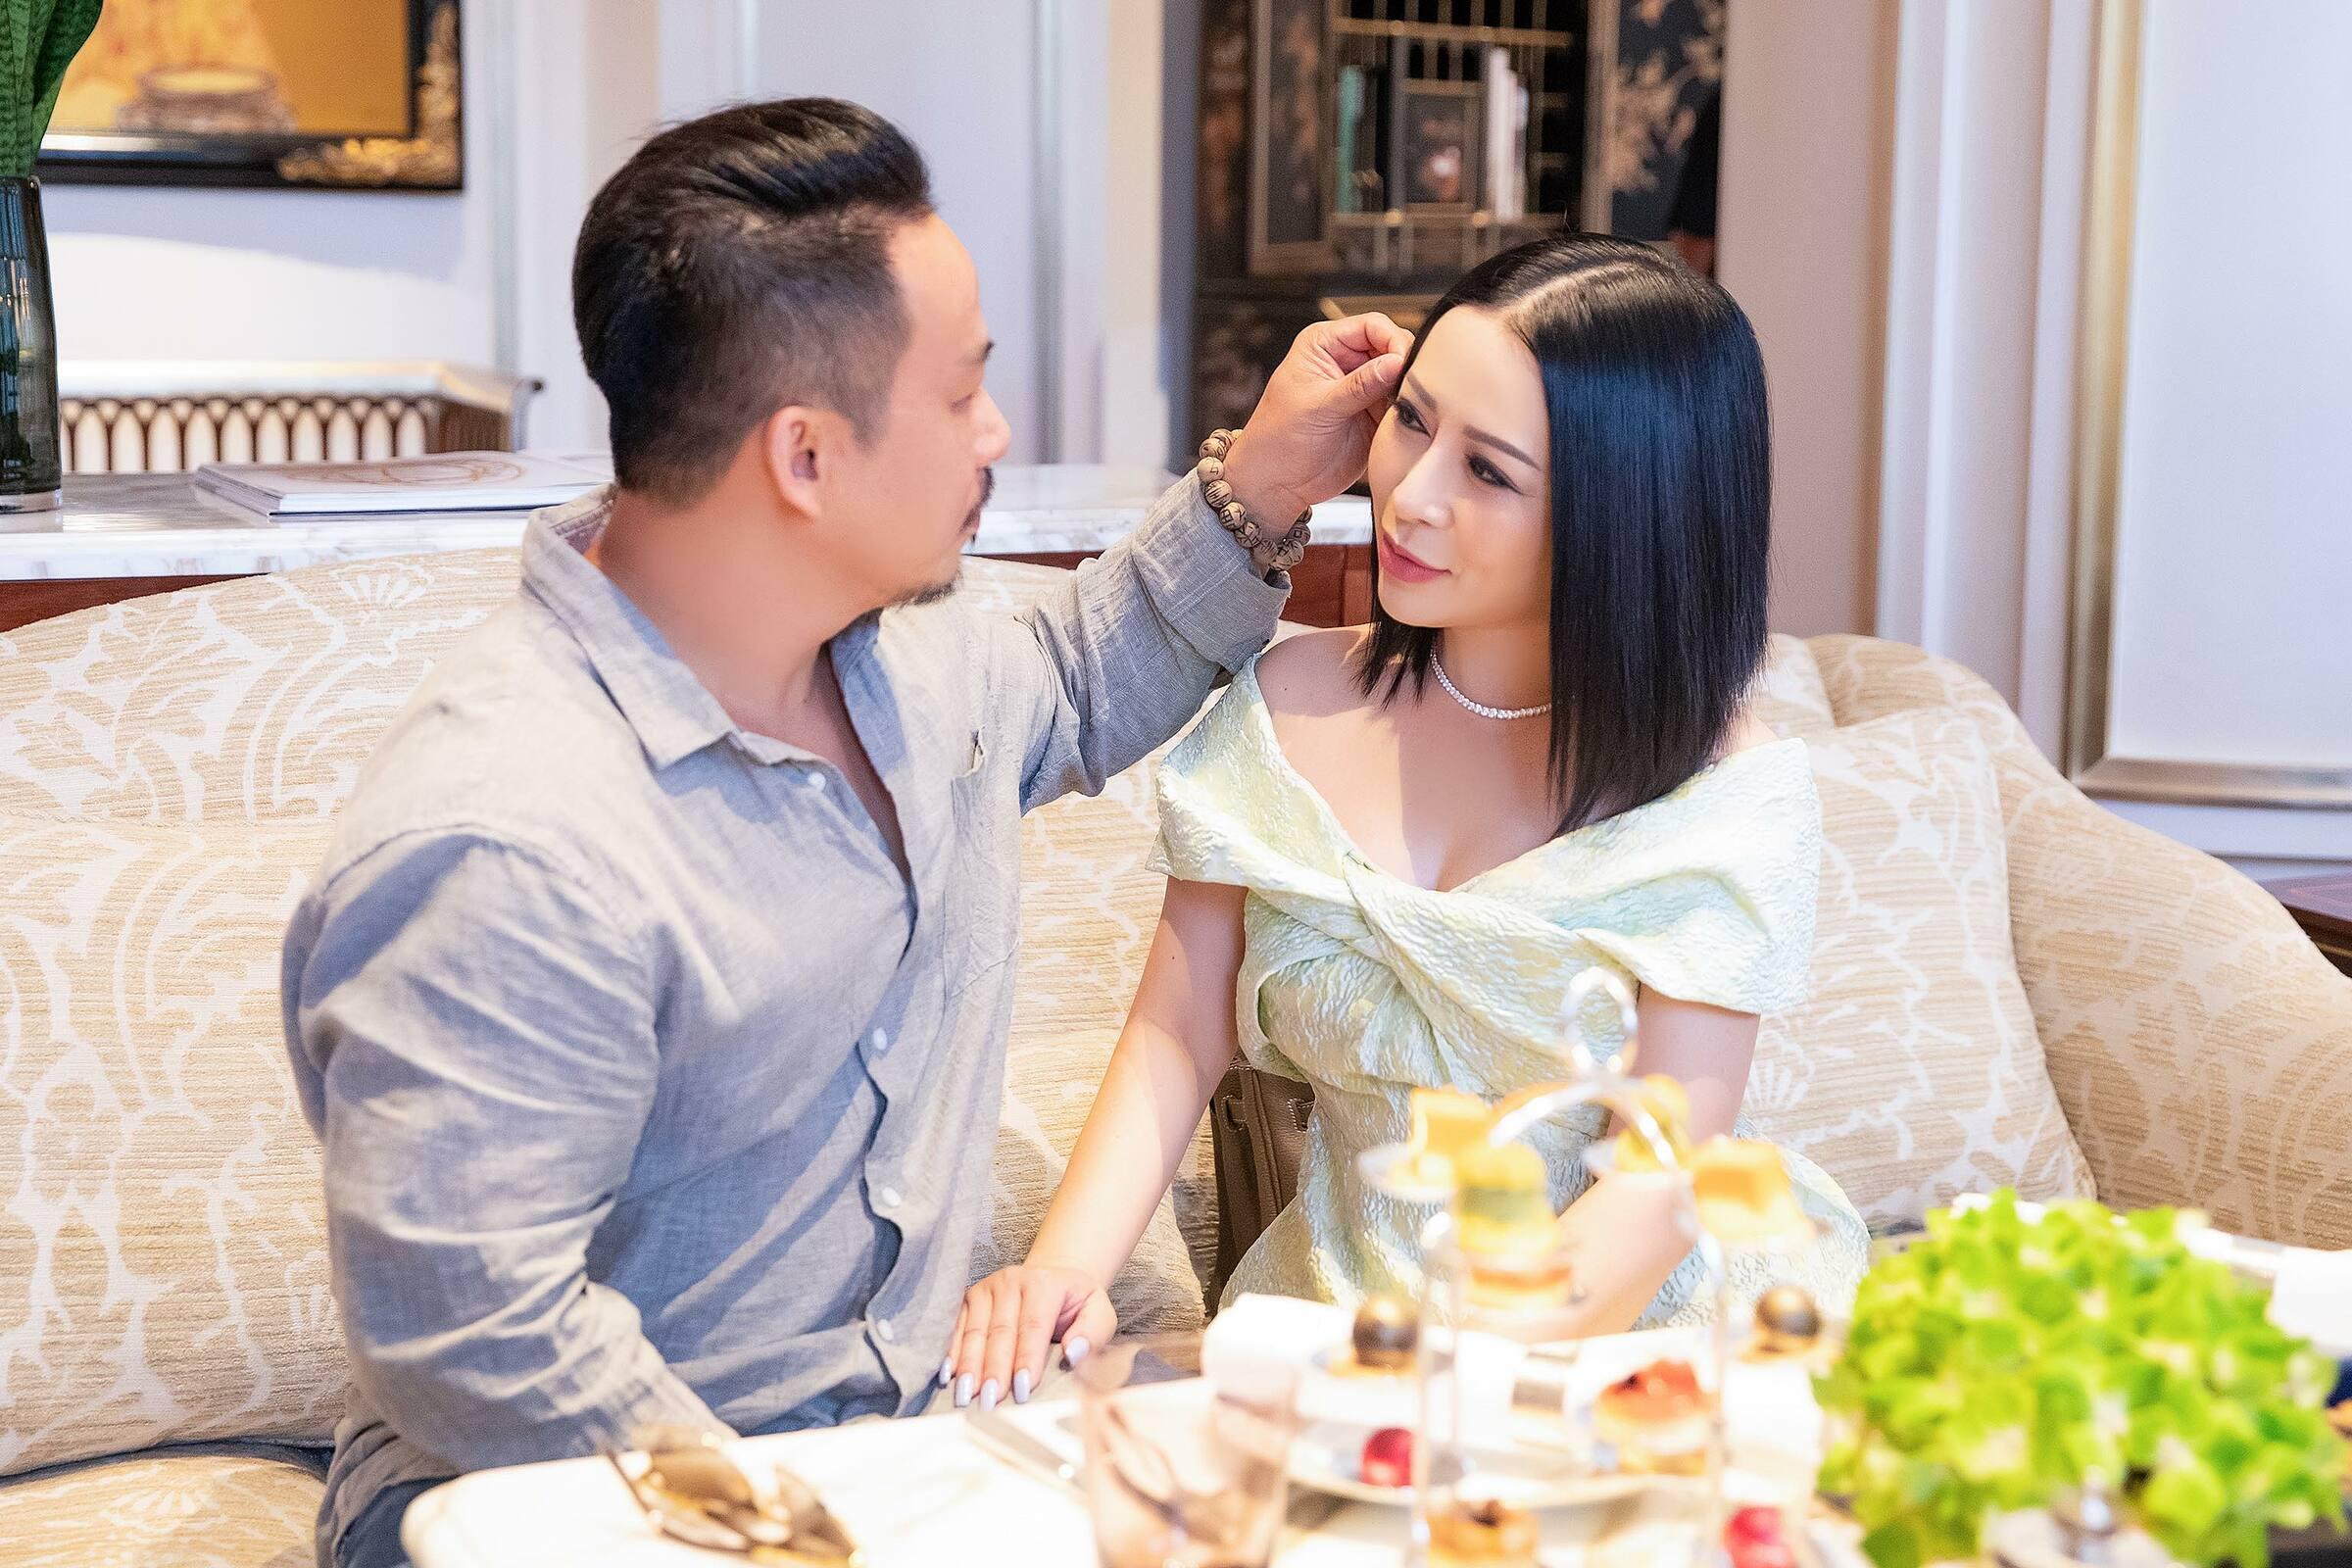 Trong bữa tiệc, nhạc sĩ Nhật Đông dành nhiều hành động tình cảm, chăm sóc nàng hậu. Kristine Thảo Lâm từ Mỹ về Việt Nam cách đây gần một  tháng, sau nhiều lẩn lỡ hẹn vì dịch bệnh. Mới đây, người đẹp mới có dịp trở lại thăm quê hương và hội ngộ bạn bè. Hoạt động trong ngành giải trí, Kristine Thảo Lâm có mối quan hệ thân thiết với nhiều nghệ sĩ Việt. Cô vừa là CEO, nhà sáng lập cuộc thi Ms Vietnam Beauty International Pageant - cuộc thi phát triển không ngừng trong 8 năm, có quy mô tổ chức chuyên nghiệp, được các nghệ sỹ, thí sinh là người Việt trên toàn thế giới ủng hộ.